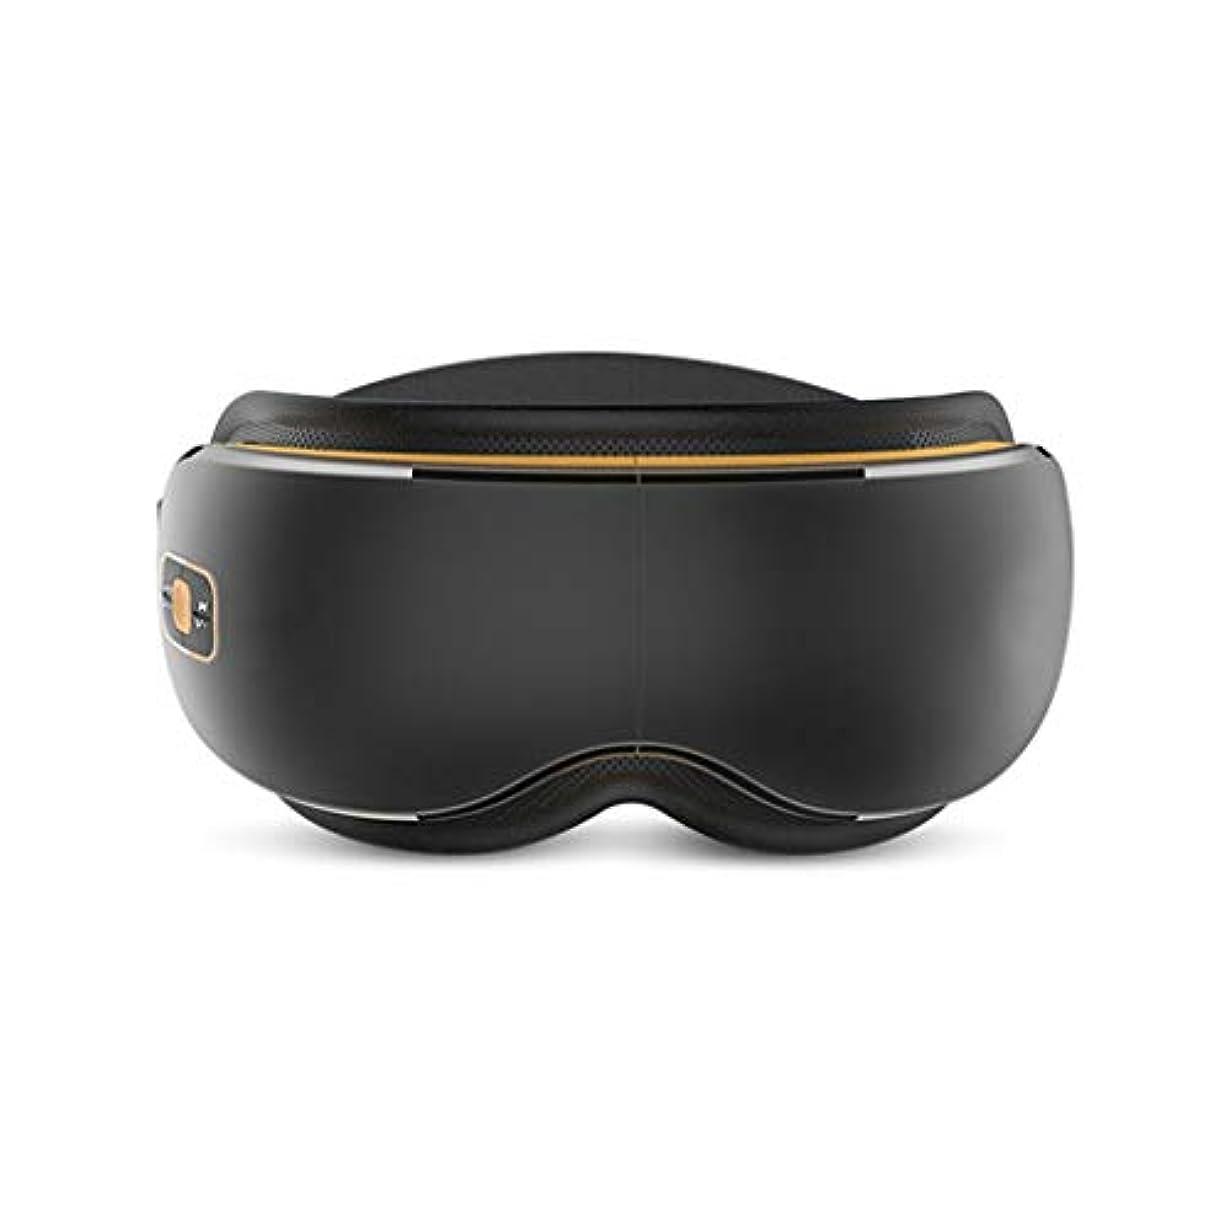 絶壁ゆりかご作者電気アイマッサージャー振動マッサージ暖房/ラップ/音楽/空気圧縮4つのモードで目をリラックスさせて暗い円を減らし、睡眠を改善するためのヘッドプレッシャーを緩和